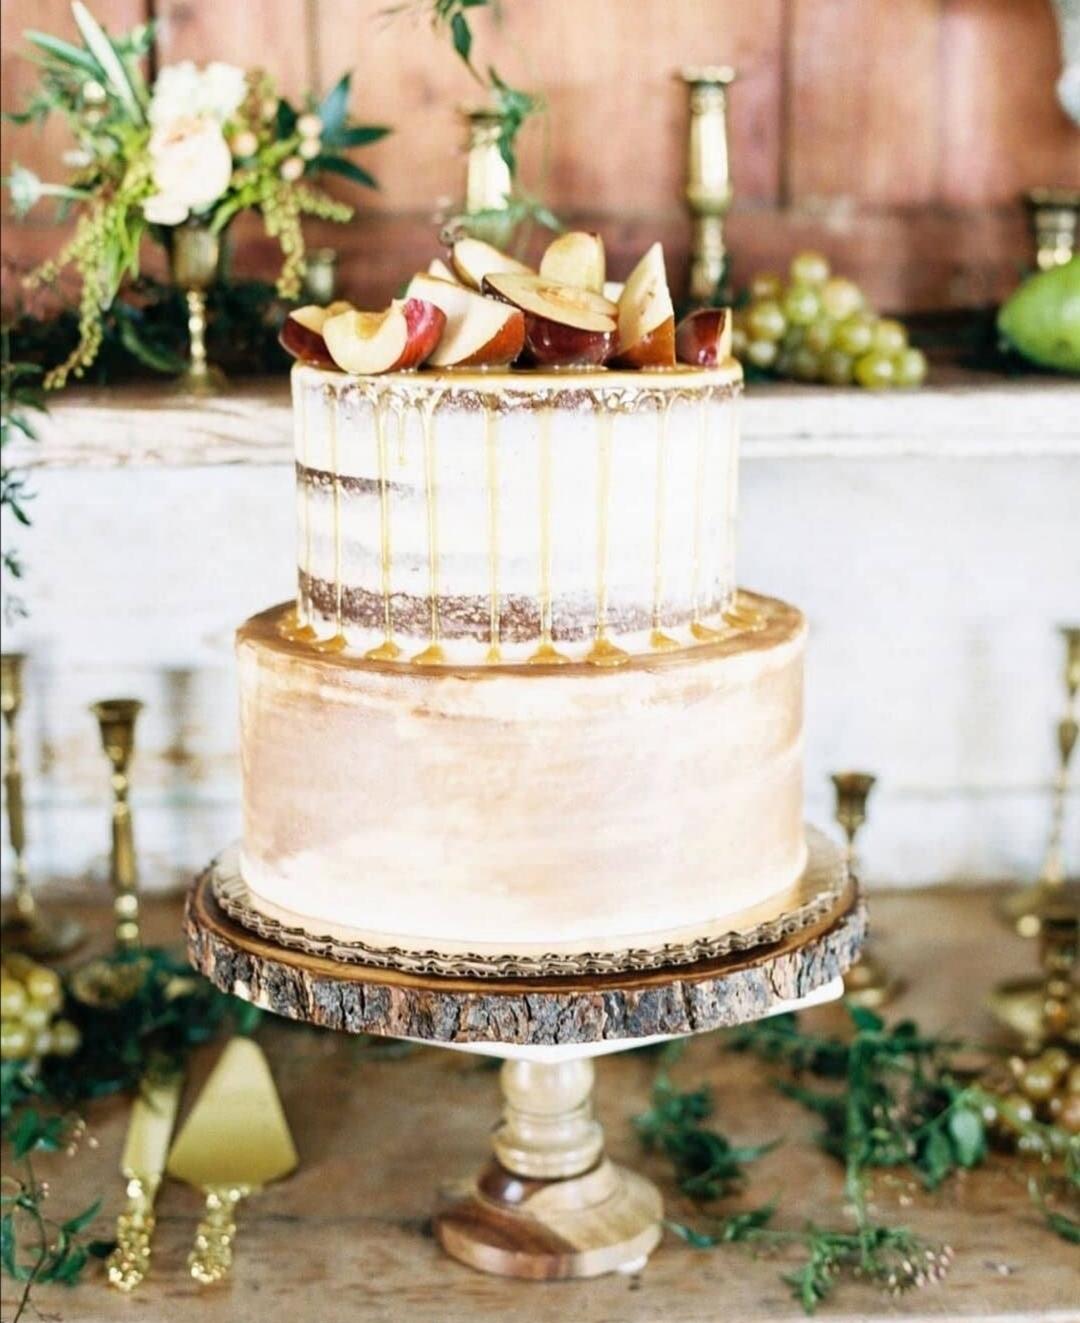 Autumn wedding cake ideas